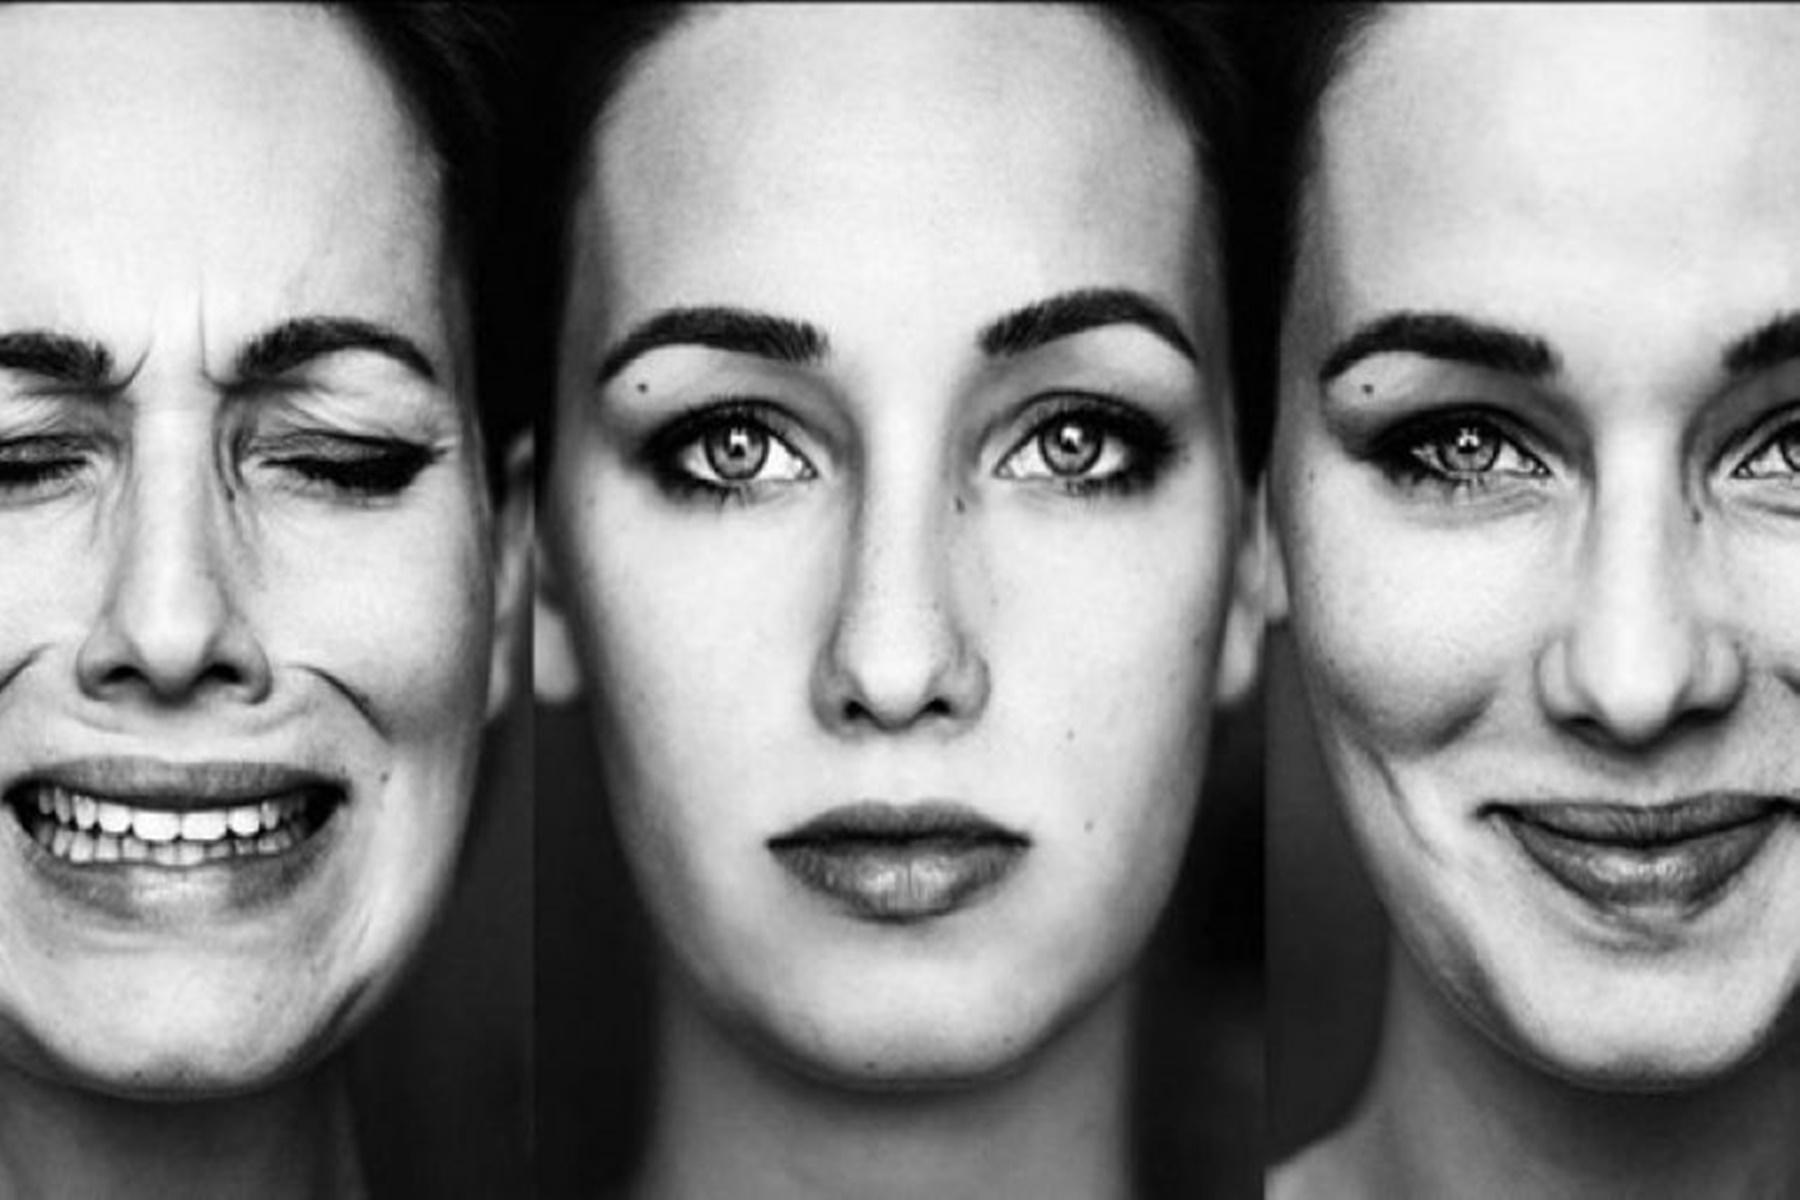 Διπολική διαταραχή : Πως επηρεάζει την σεξουαλική διάθεση